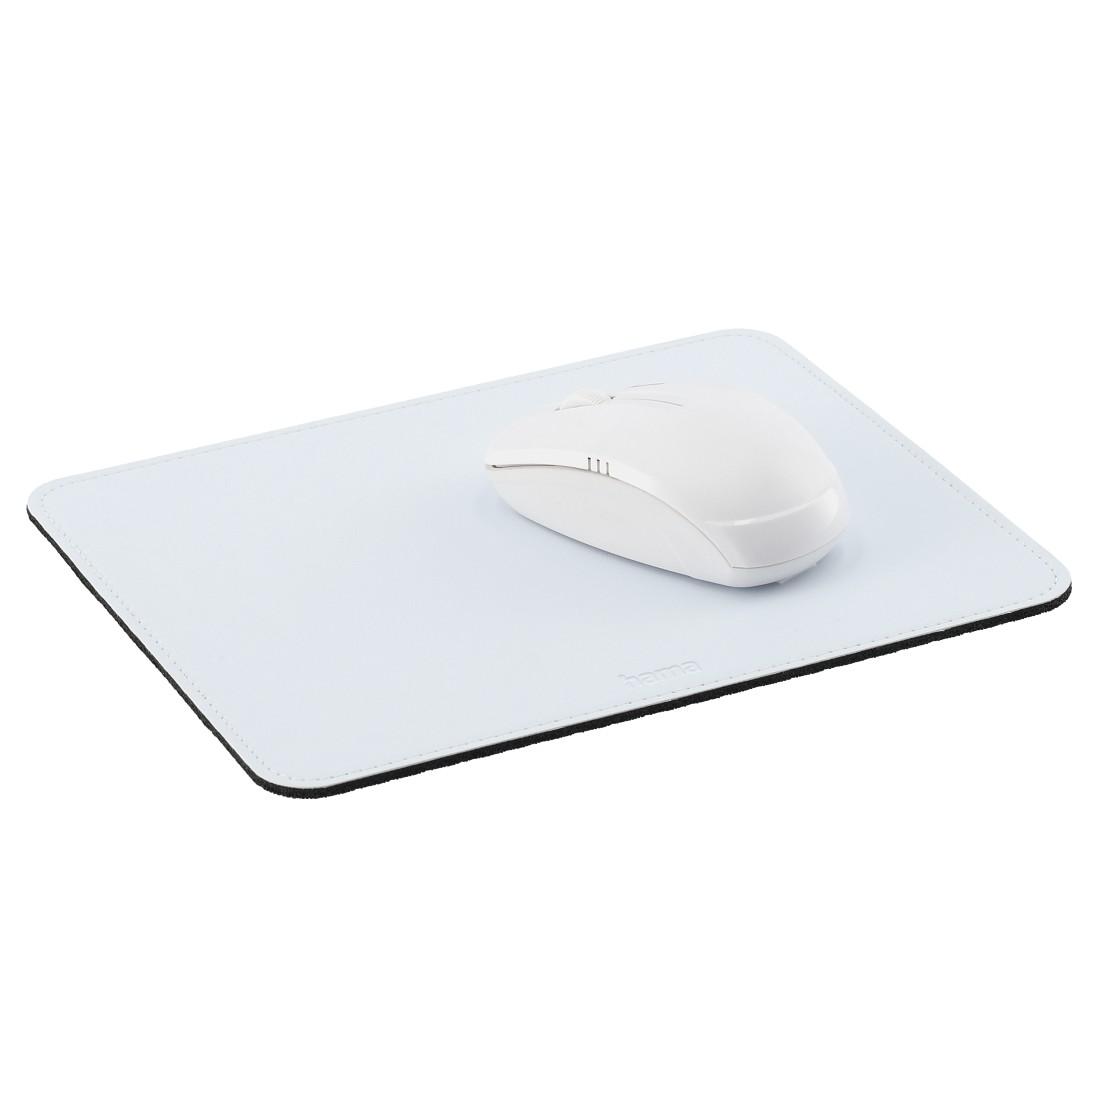 00053231 hama tapis de souris aspect